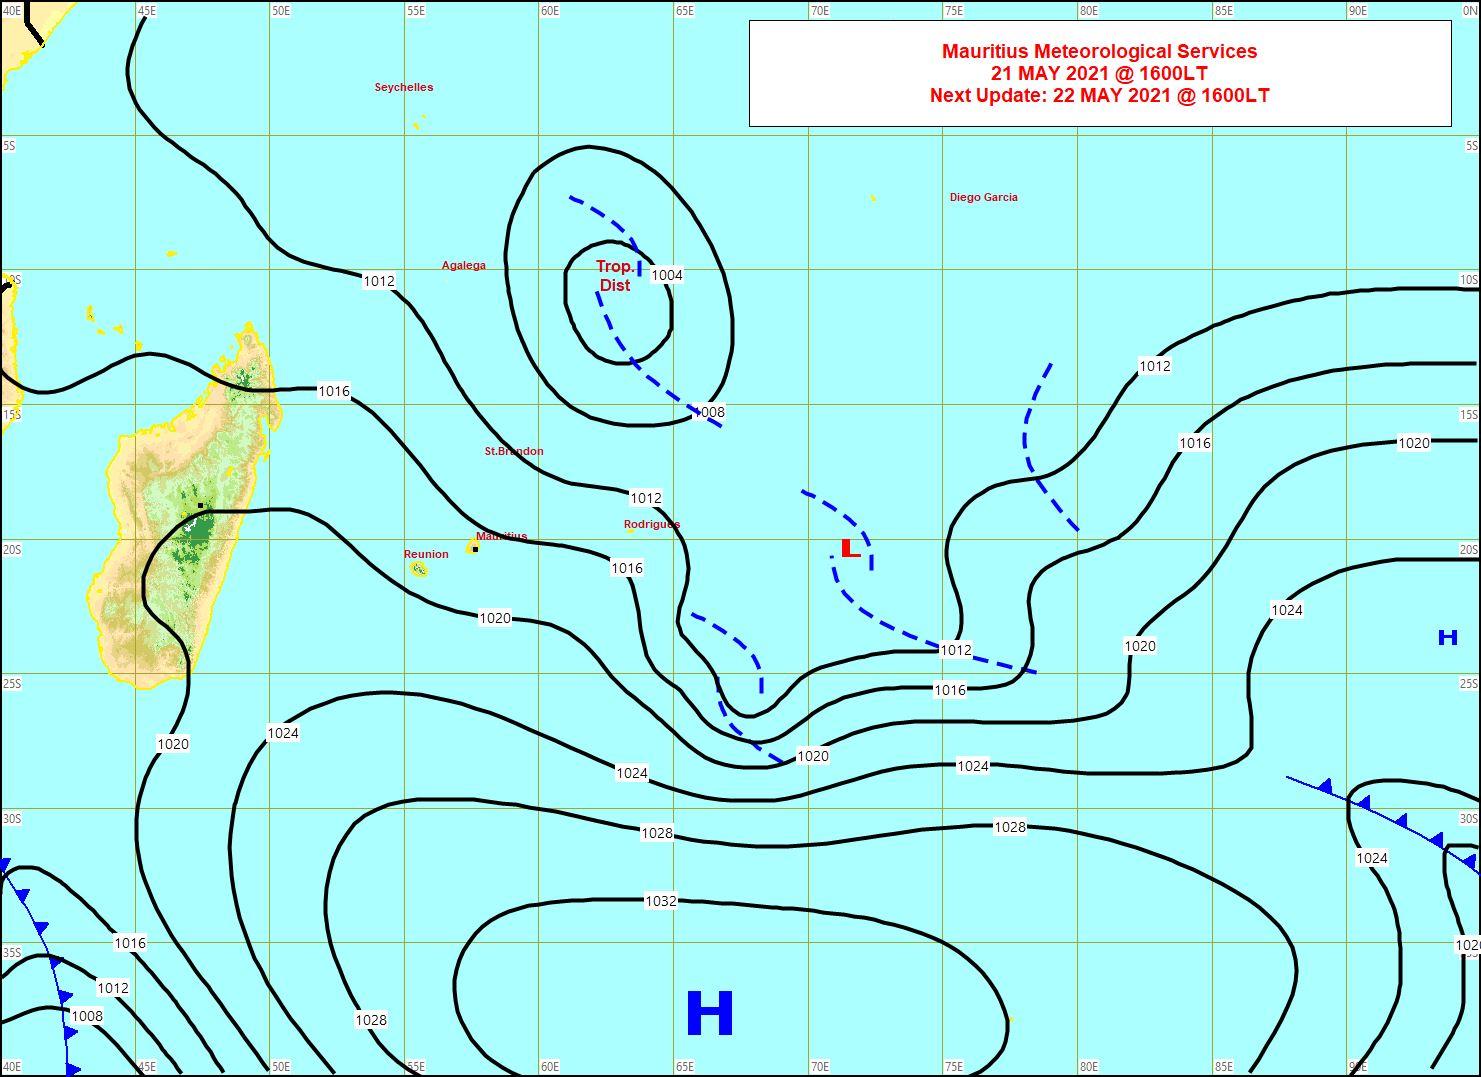 Analyse de la situation de surface ce Vendredi 21 à 16heures. La vaste zone perturbée se décale lentement vers les Sud-Est.L'anticyclone(H/1034hpa) se décale lentement vers l'Est. Les vents forts sont orientés au secteur Sud-Est sur les ILES SOEURS. Carte MMS/Vacoas.